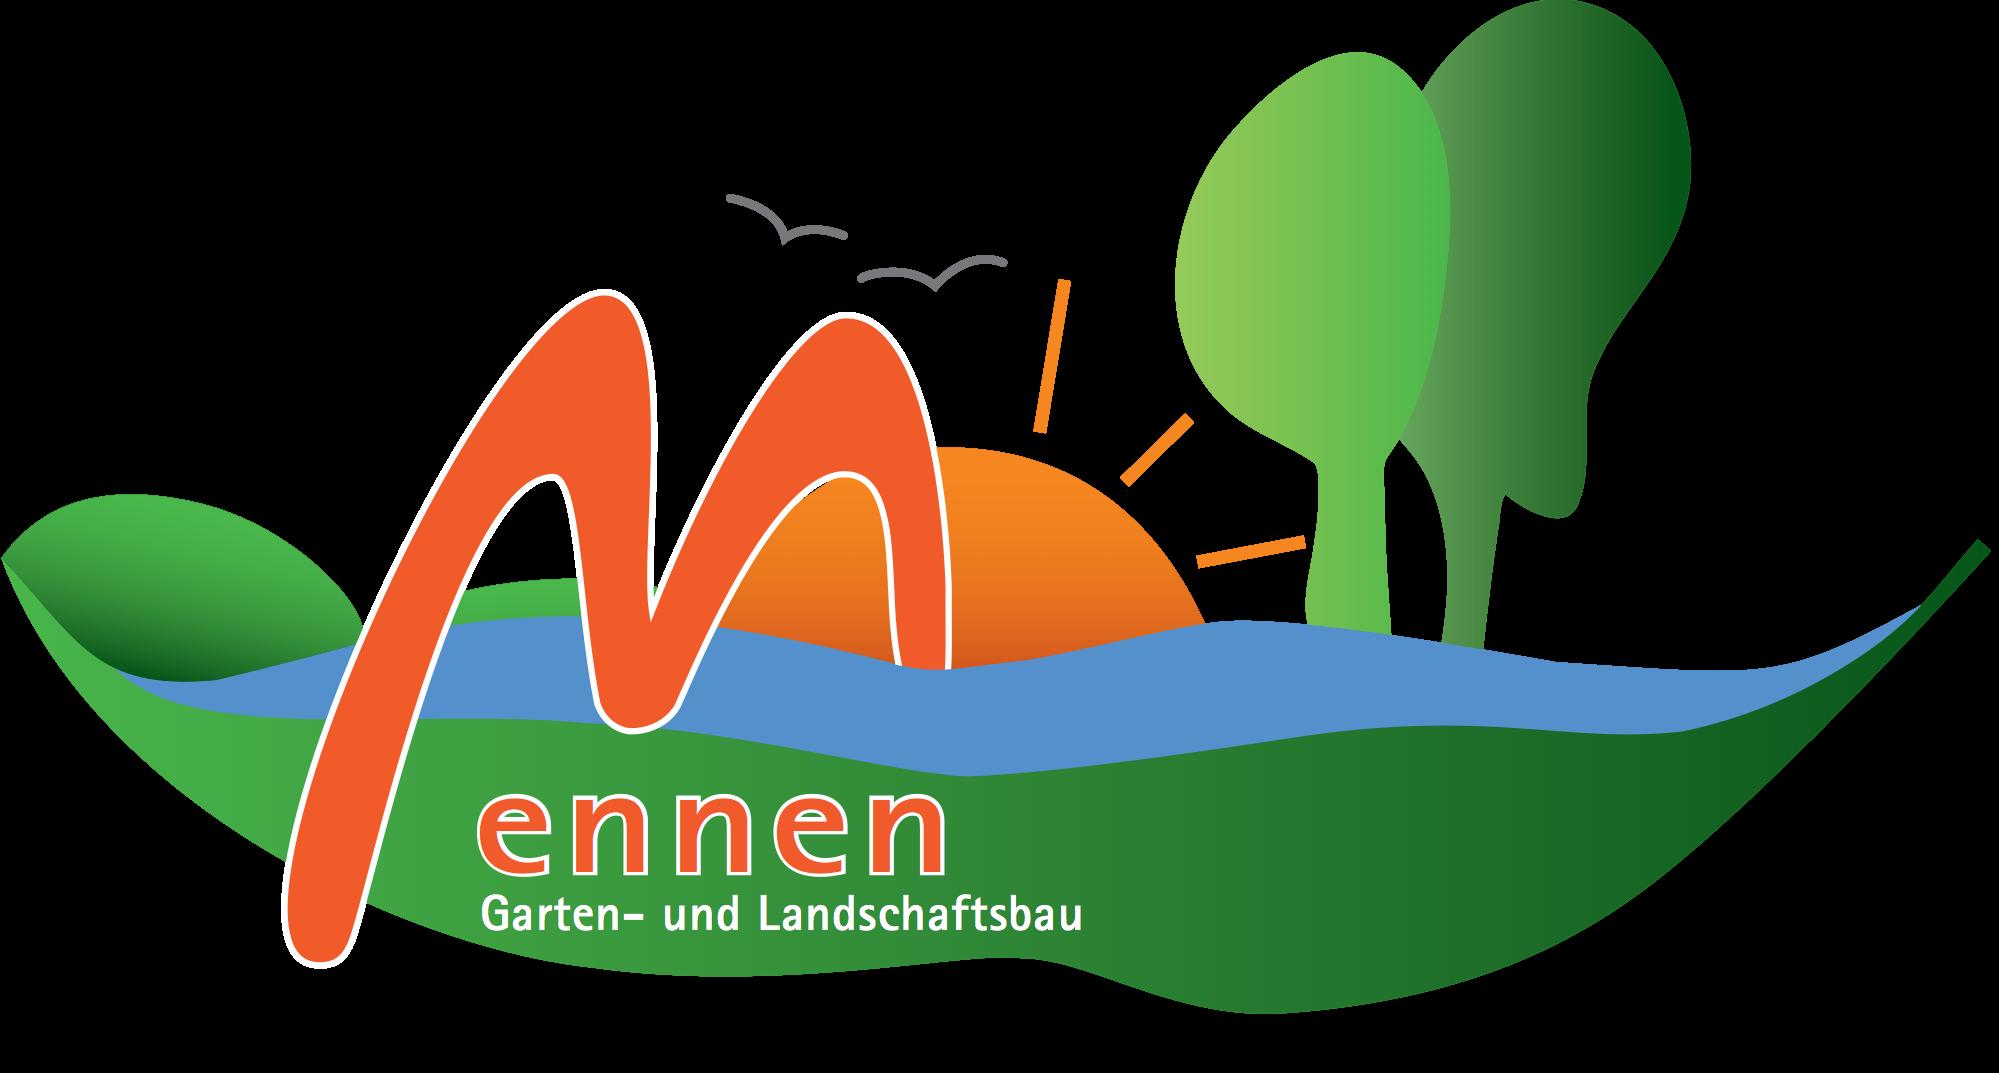 Garten- und Landschaftsbau Robert Mennen